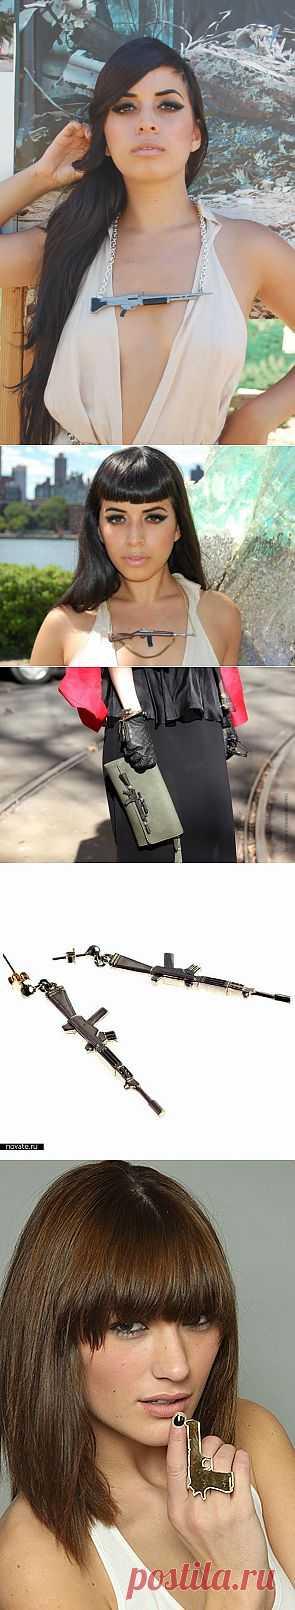 Здравствуй, оружие! (трафик) / Аксессуары (не украшения) / Модный сайт о стильной переделке одежды и интерьера